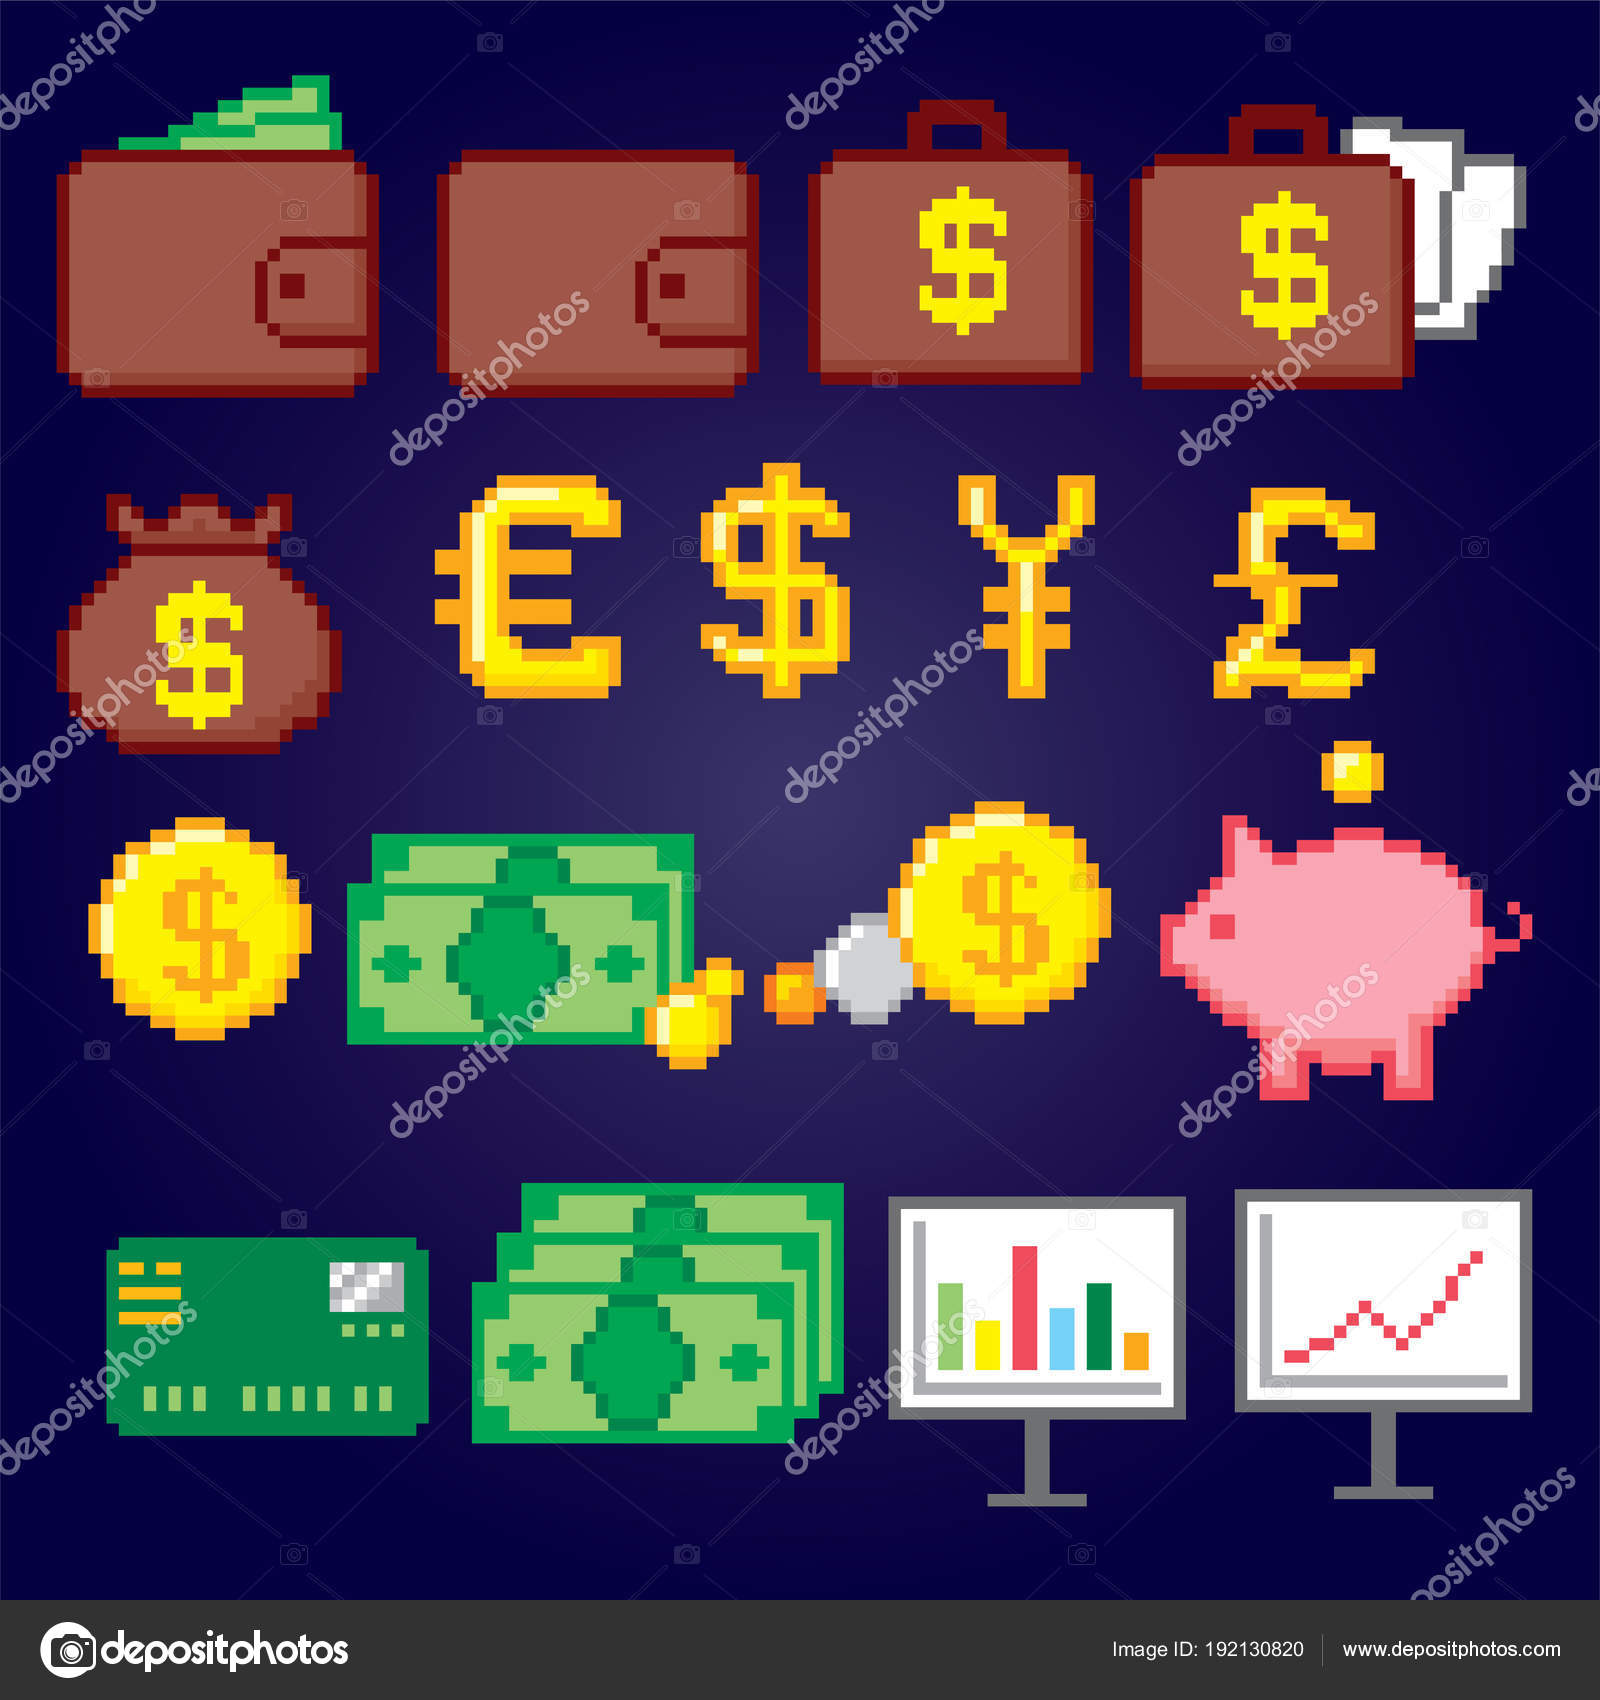 игра на деньги в компьютере